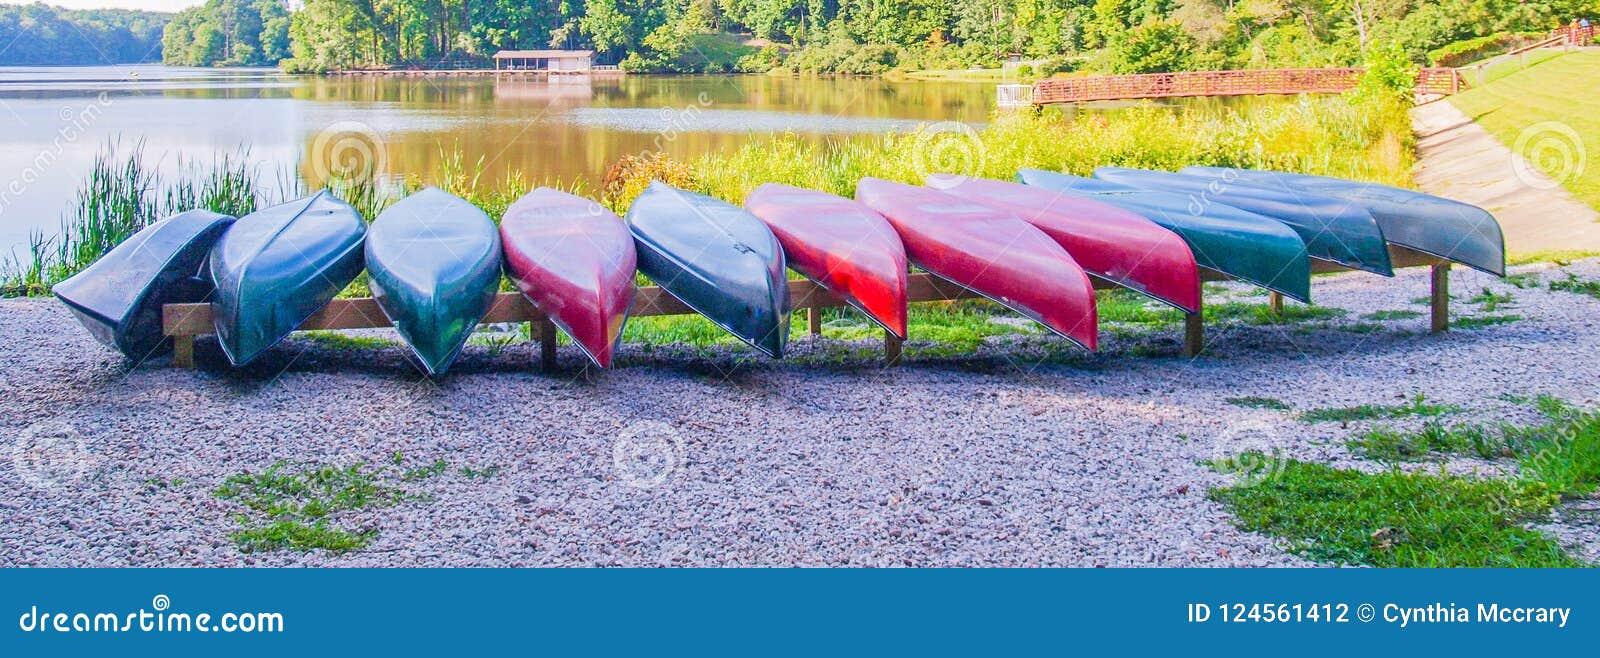 独木舟行在大湖的